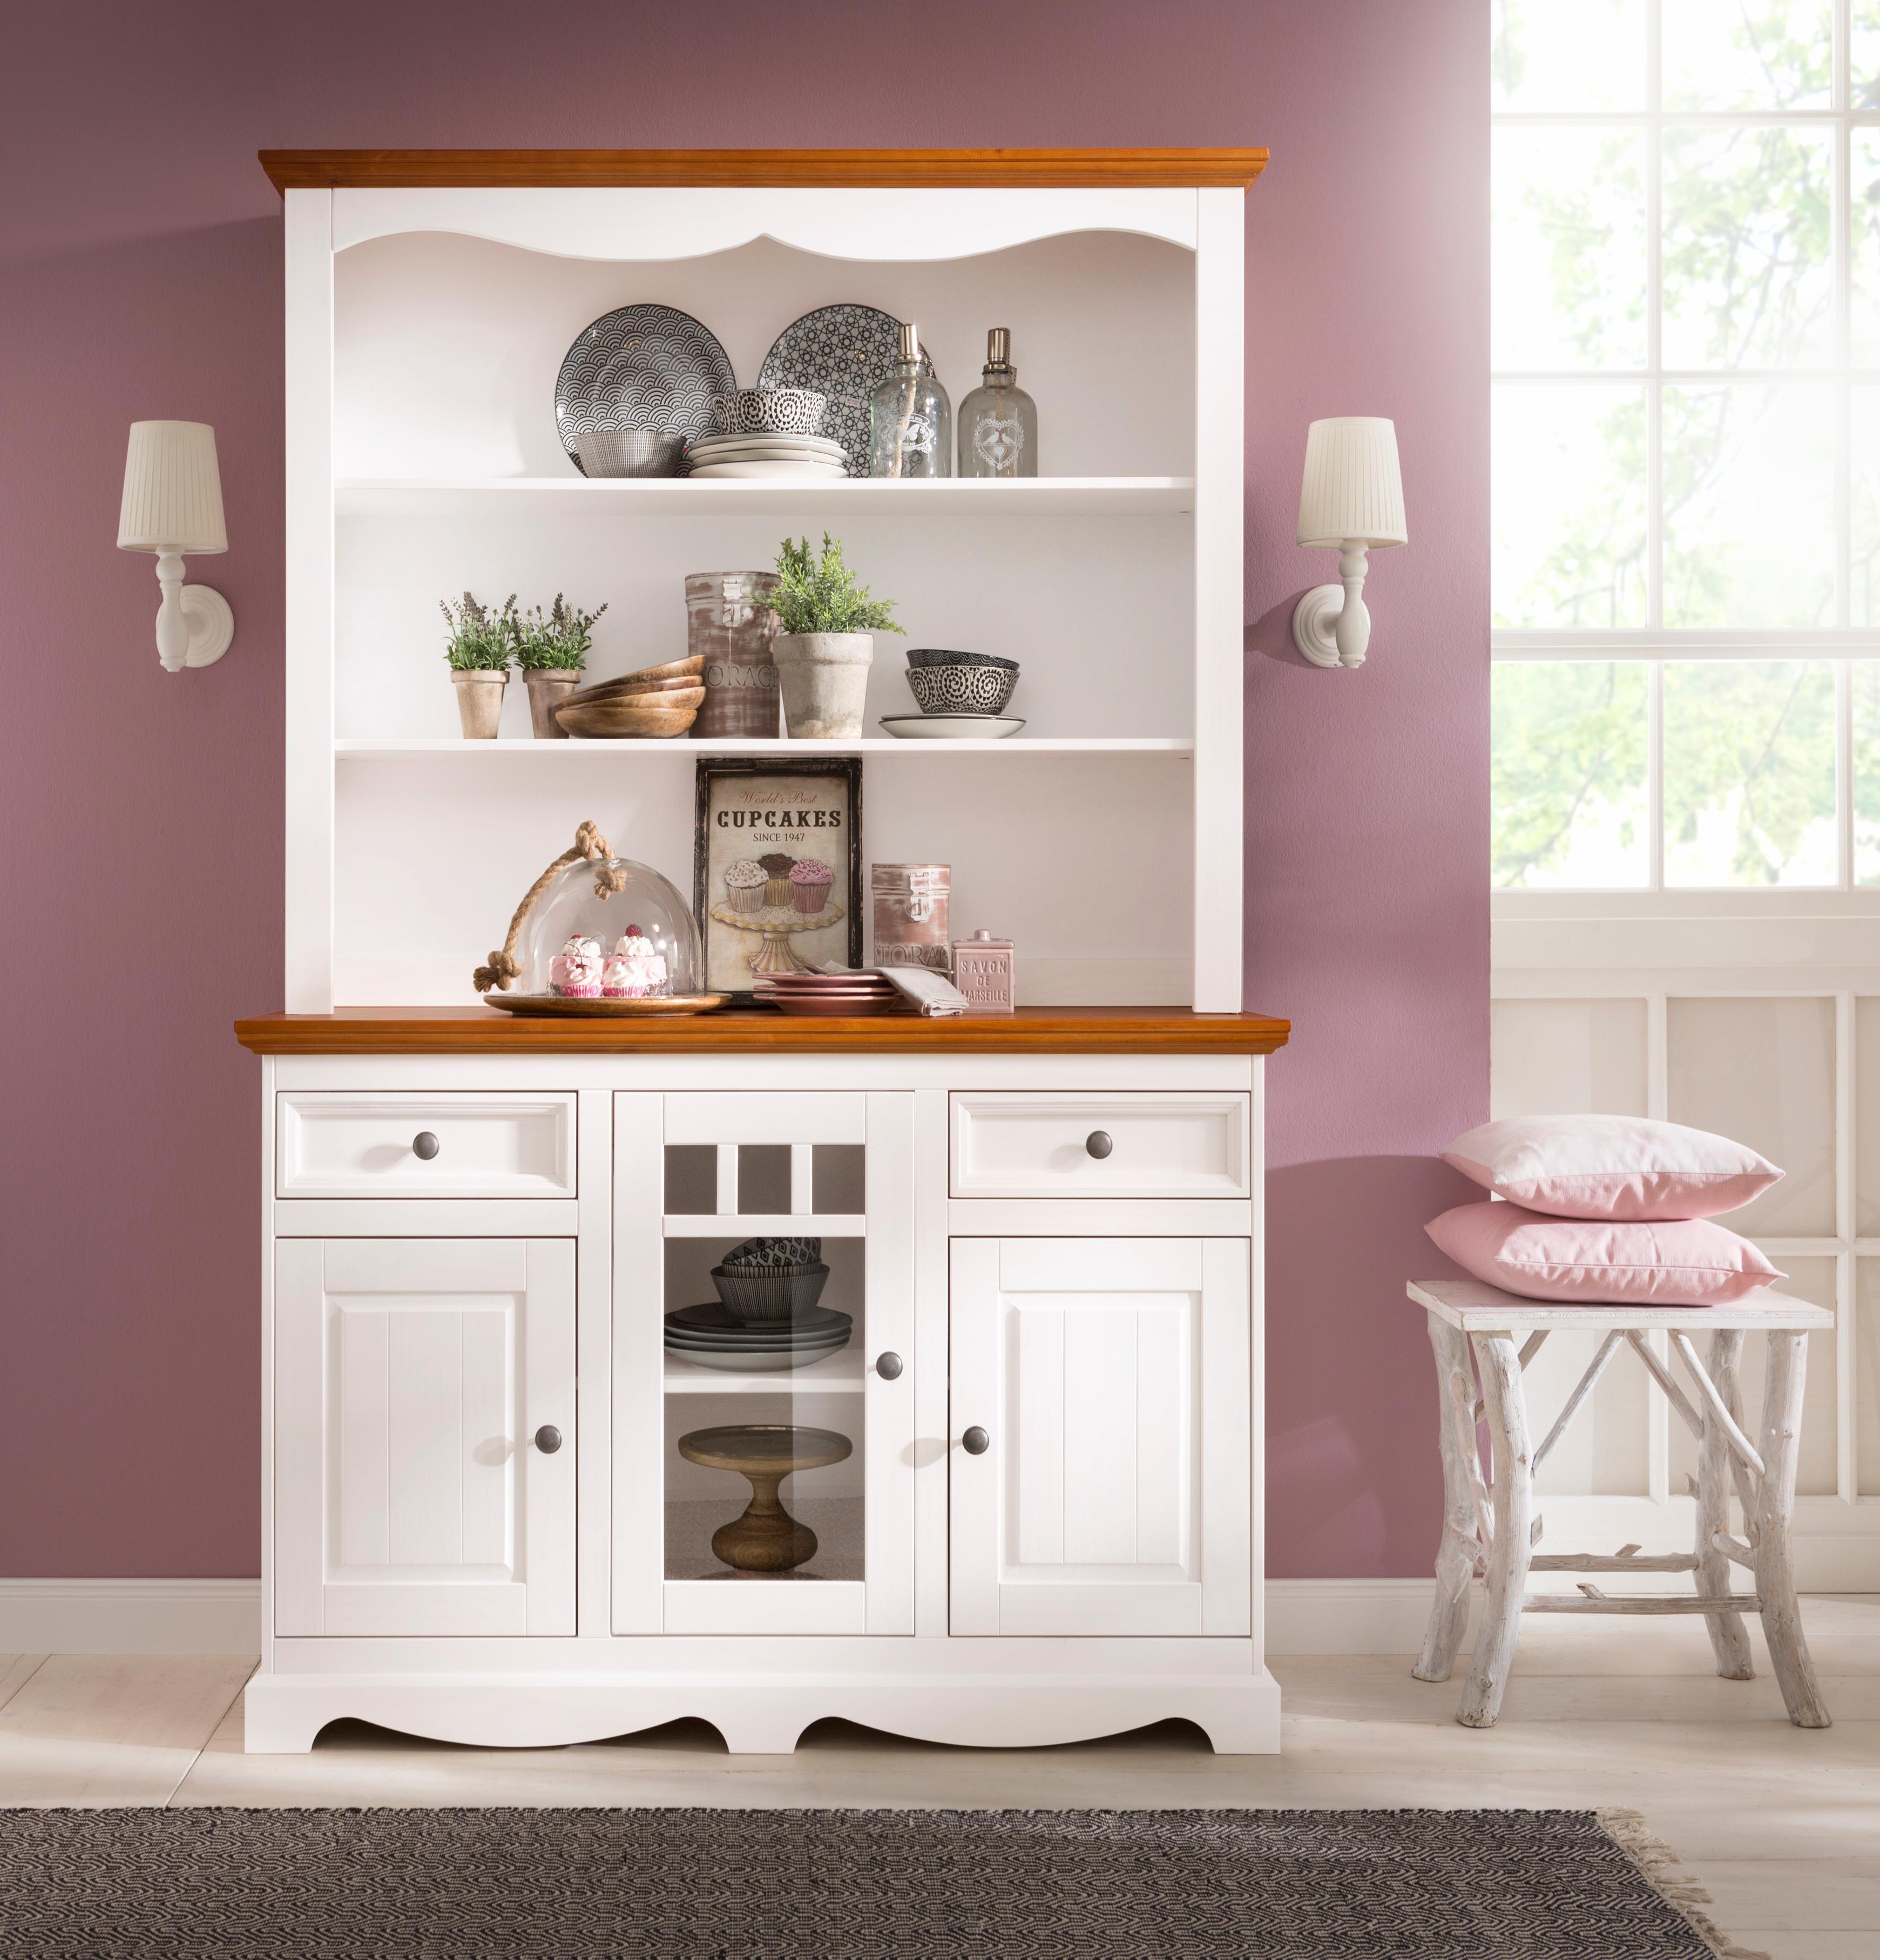 Home affaire Sideboard »Melissa«, Breite 132 cm günstig online kaufen